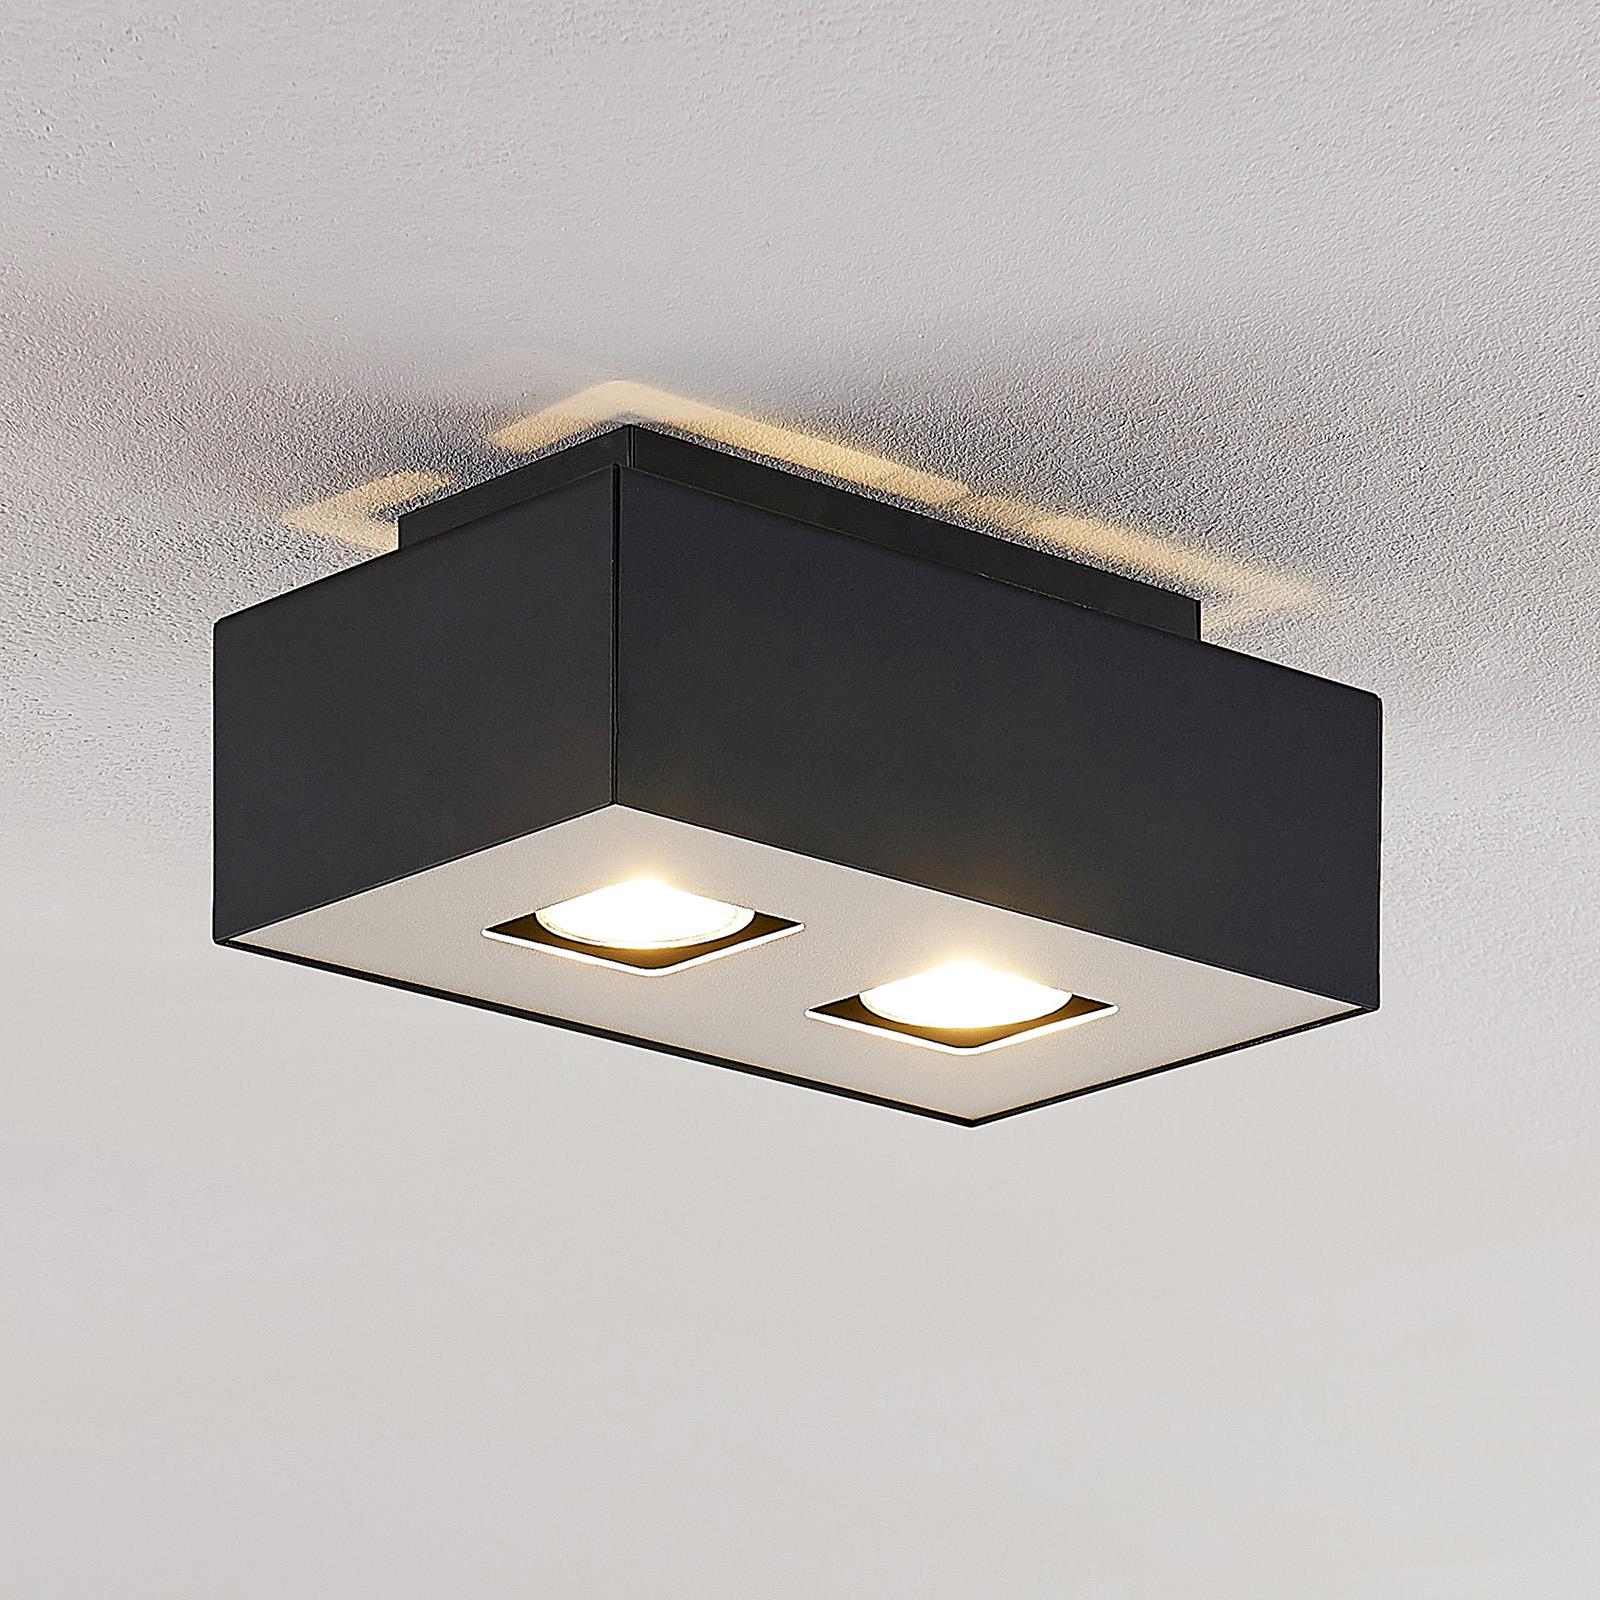 Lindby Kasi -kattovalaisin, musta, 2-lamppuinen